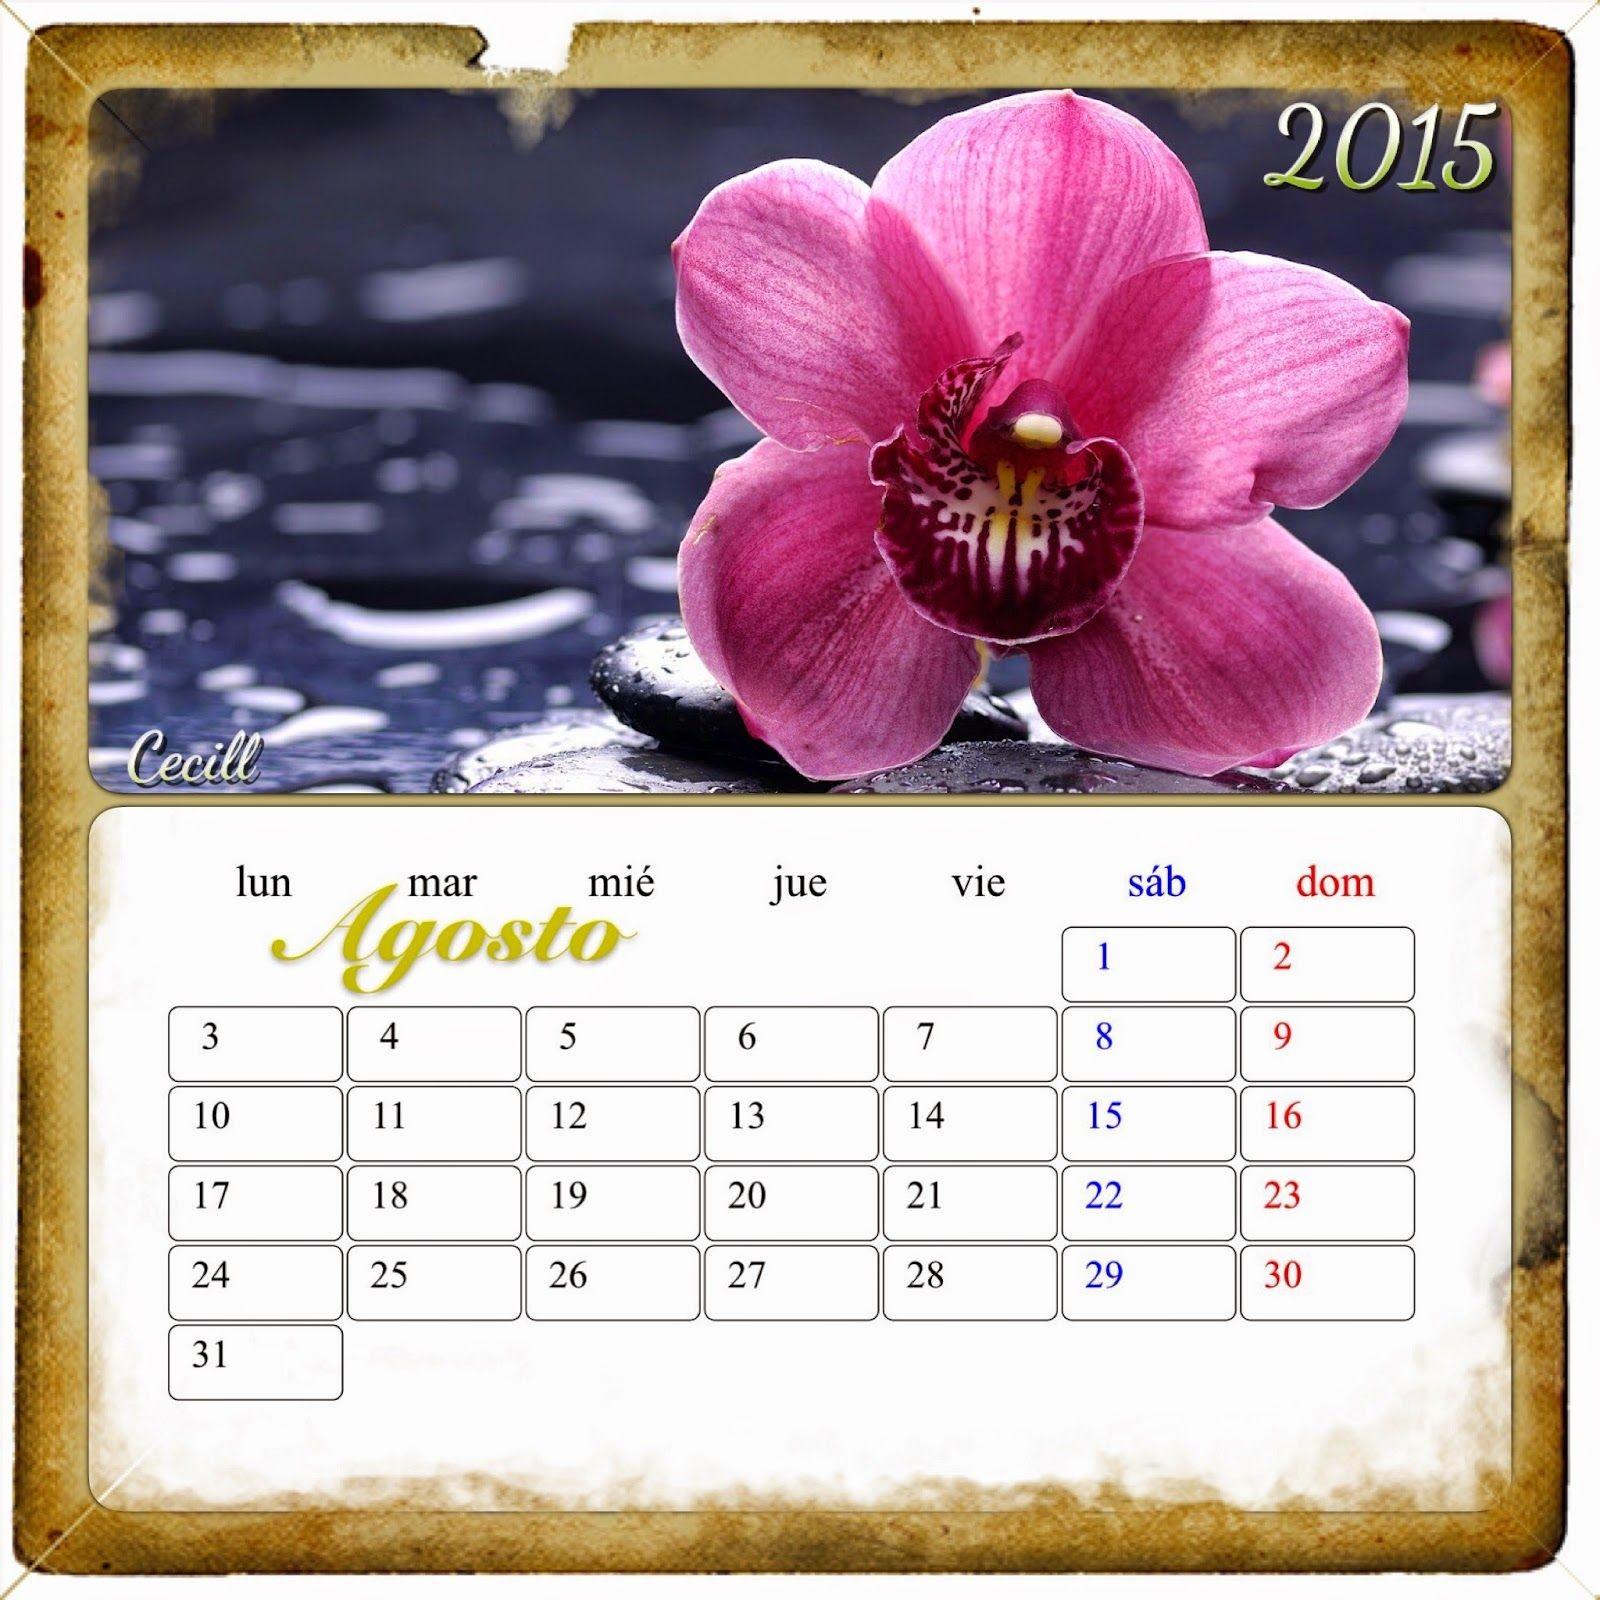 Imágenes de cecill calendario de flores ❤imágenes 1600x1600 Calendario 2015 flores